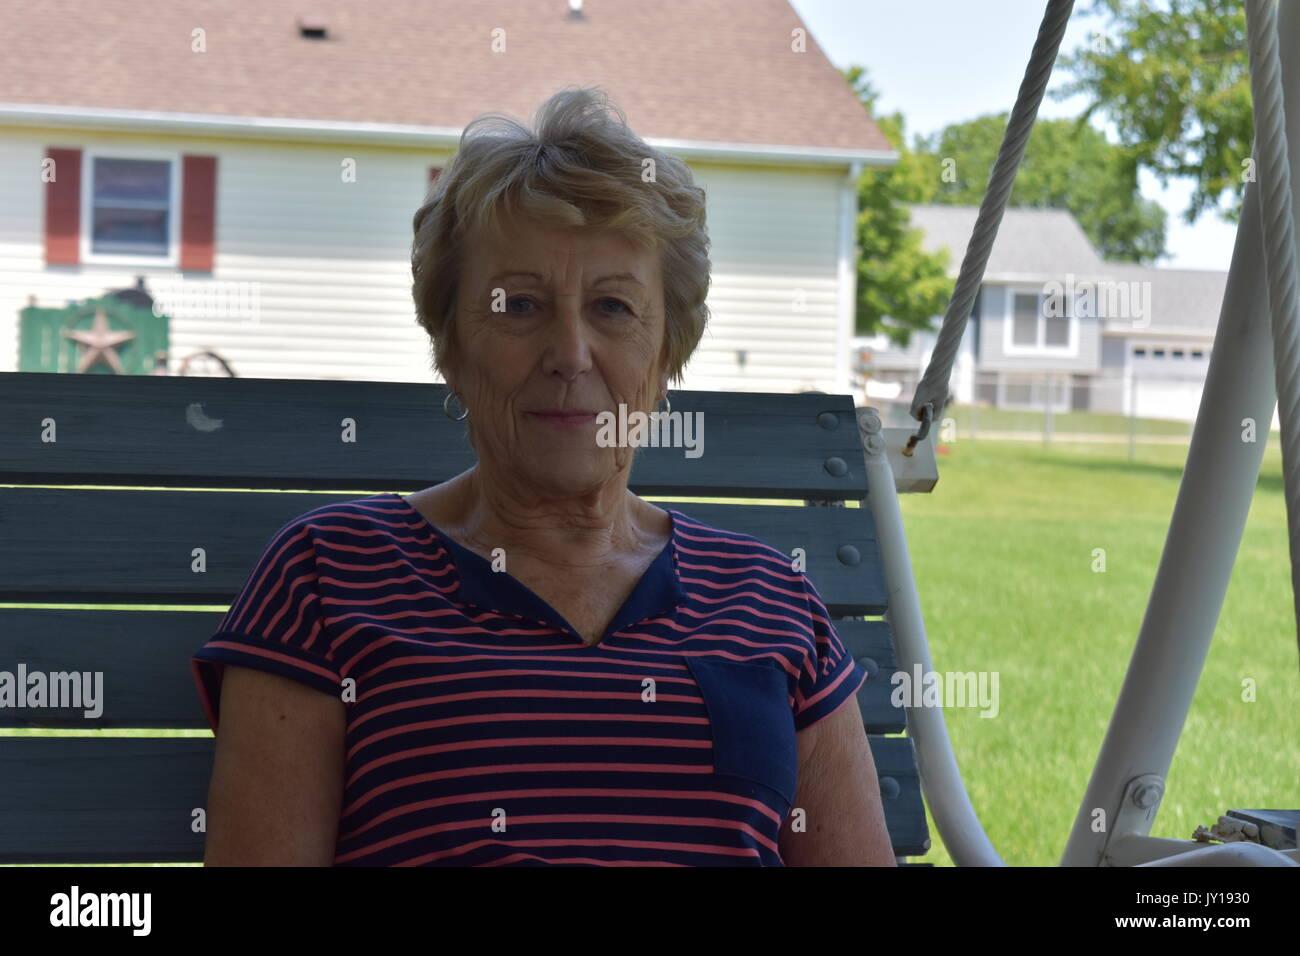 Elderly woman sitting on a swing in her backyard - Stock Image